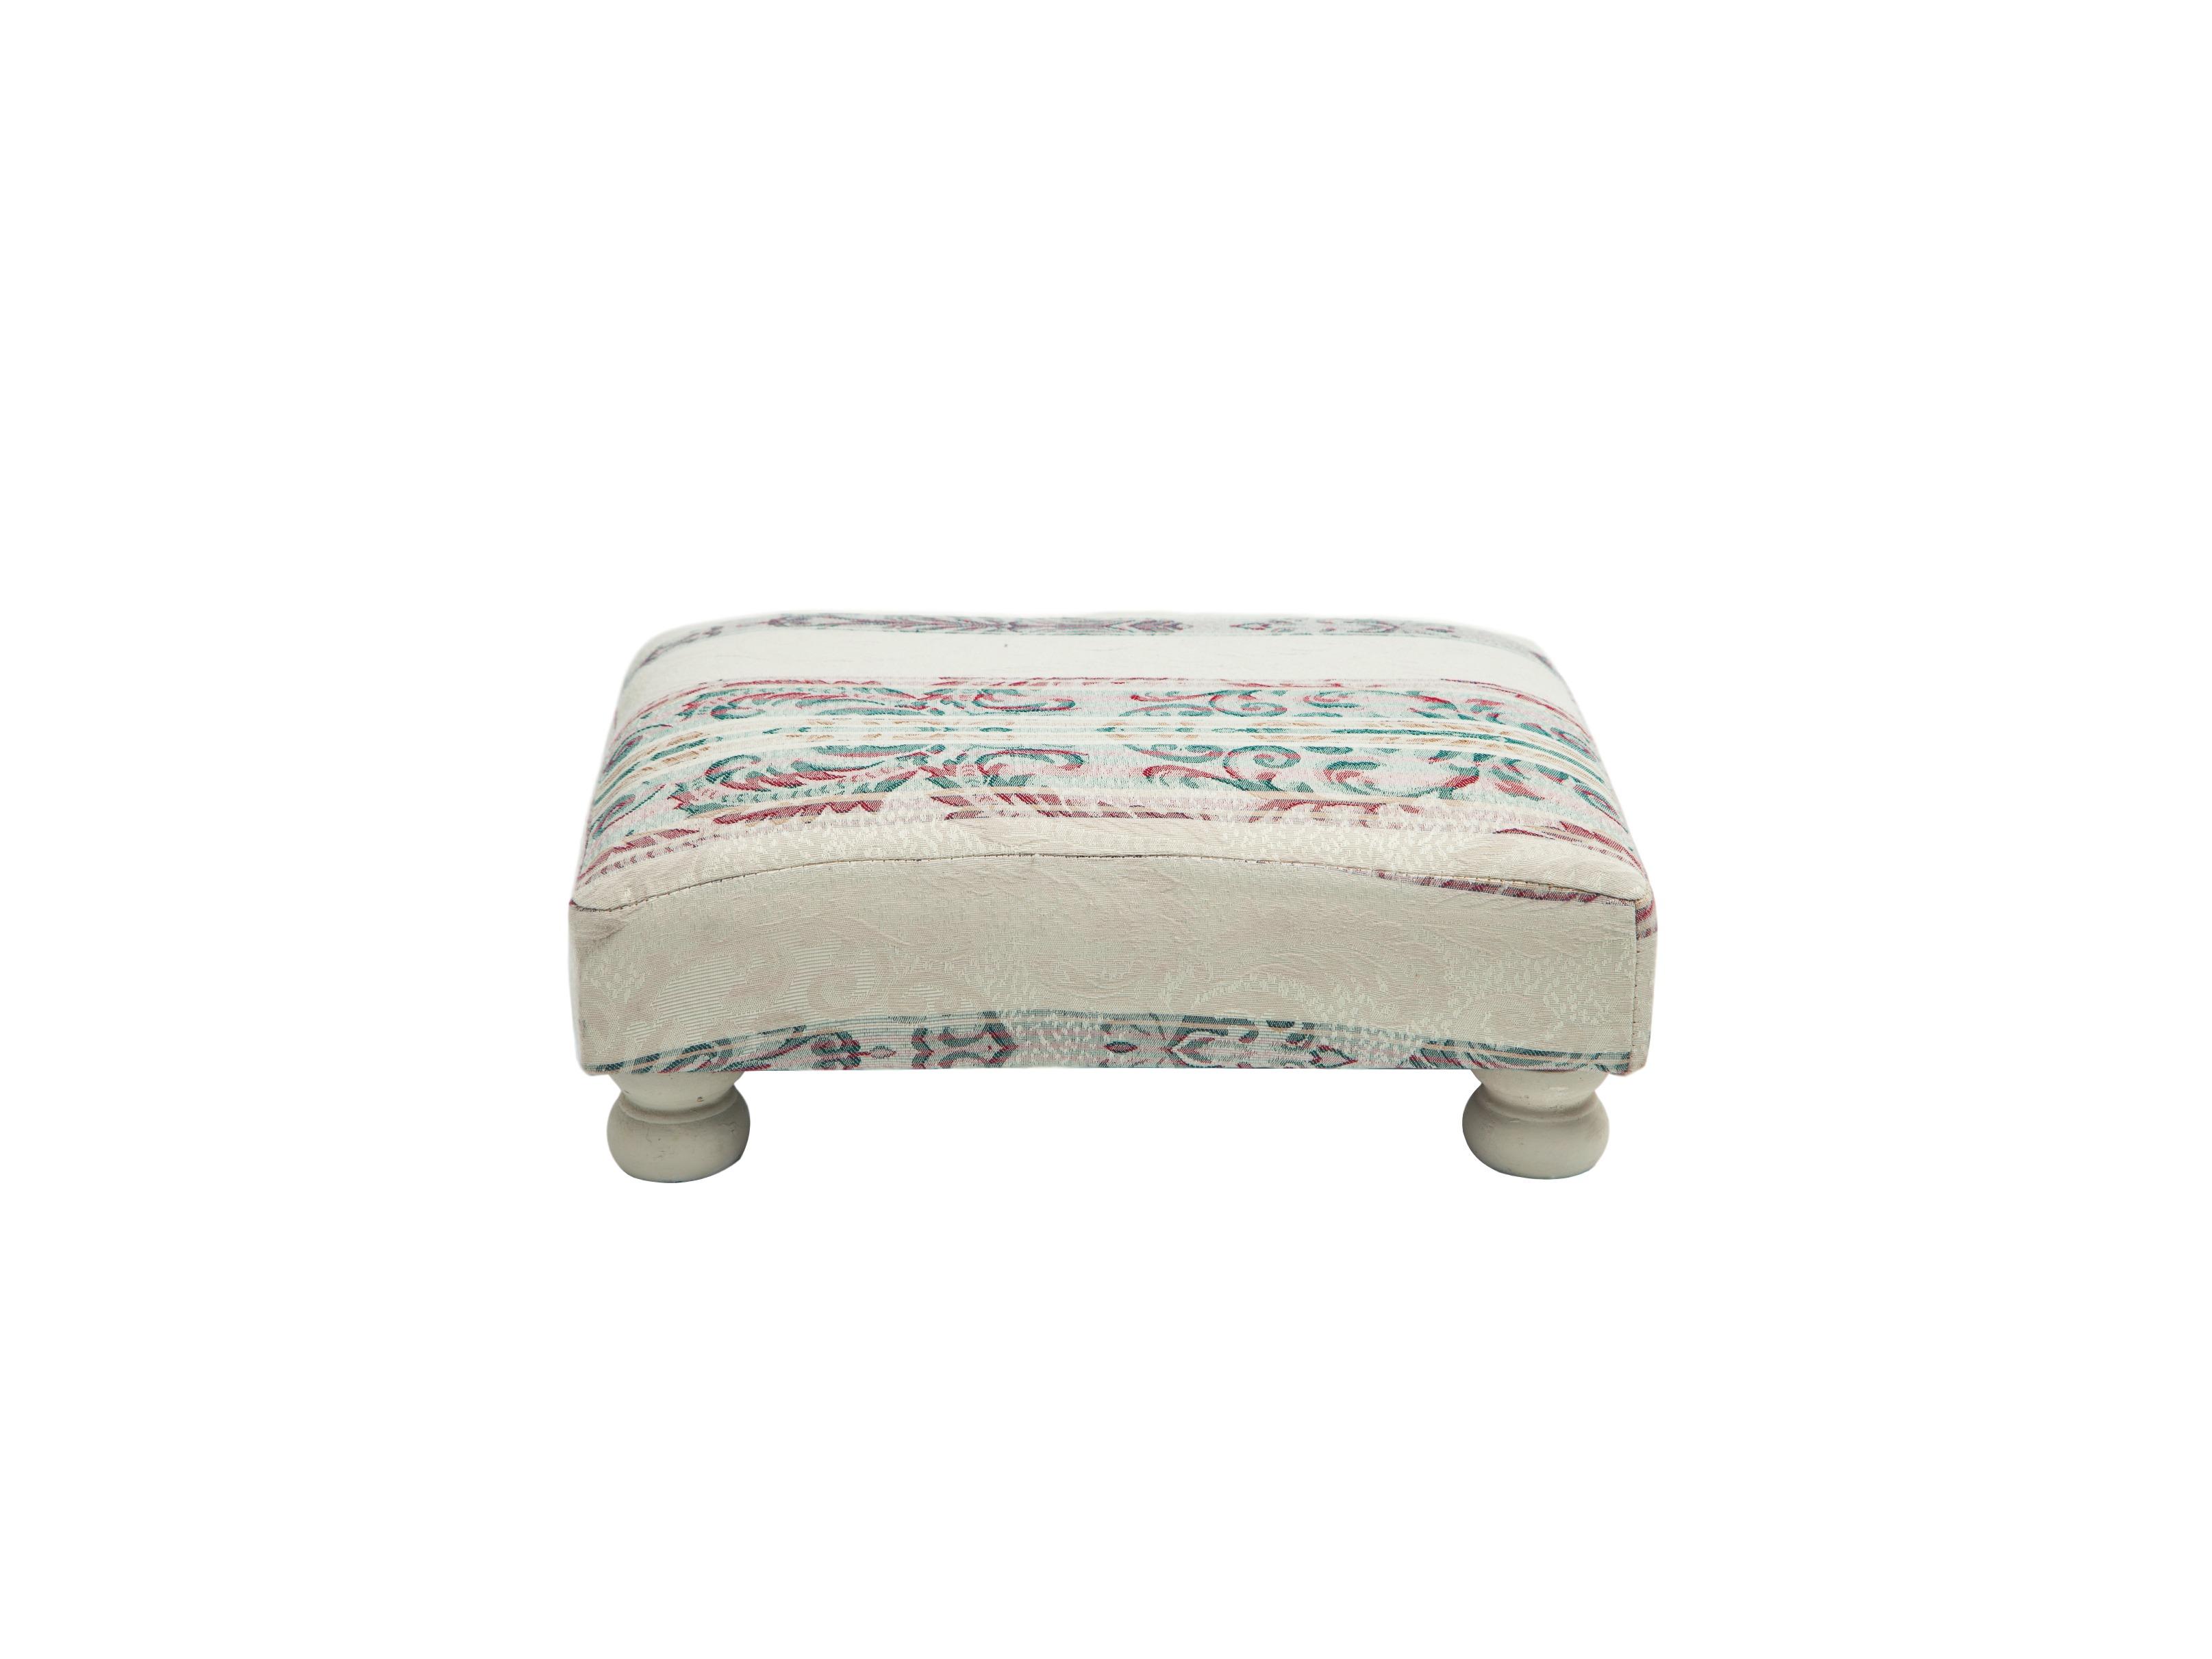 БанкеткаБанкетки<br>Маленькая банкетка для ног, обивка серого цвета с рисунком.&amp;lt;div&amp;gt;&amp;lt;br&amp;gt;&amp;lt;/div&amp;gt;&amp;lt;div&amp;gt;Материал: махагони&amp;lt;br&amp;gt;&amp;lt;/div&amp;gt;<br><br>Material: Текстиль<br>Width см: 40<br>Depth см: 30<br>Height см: 16